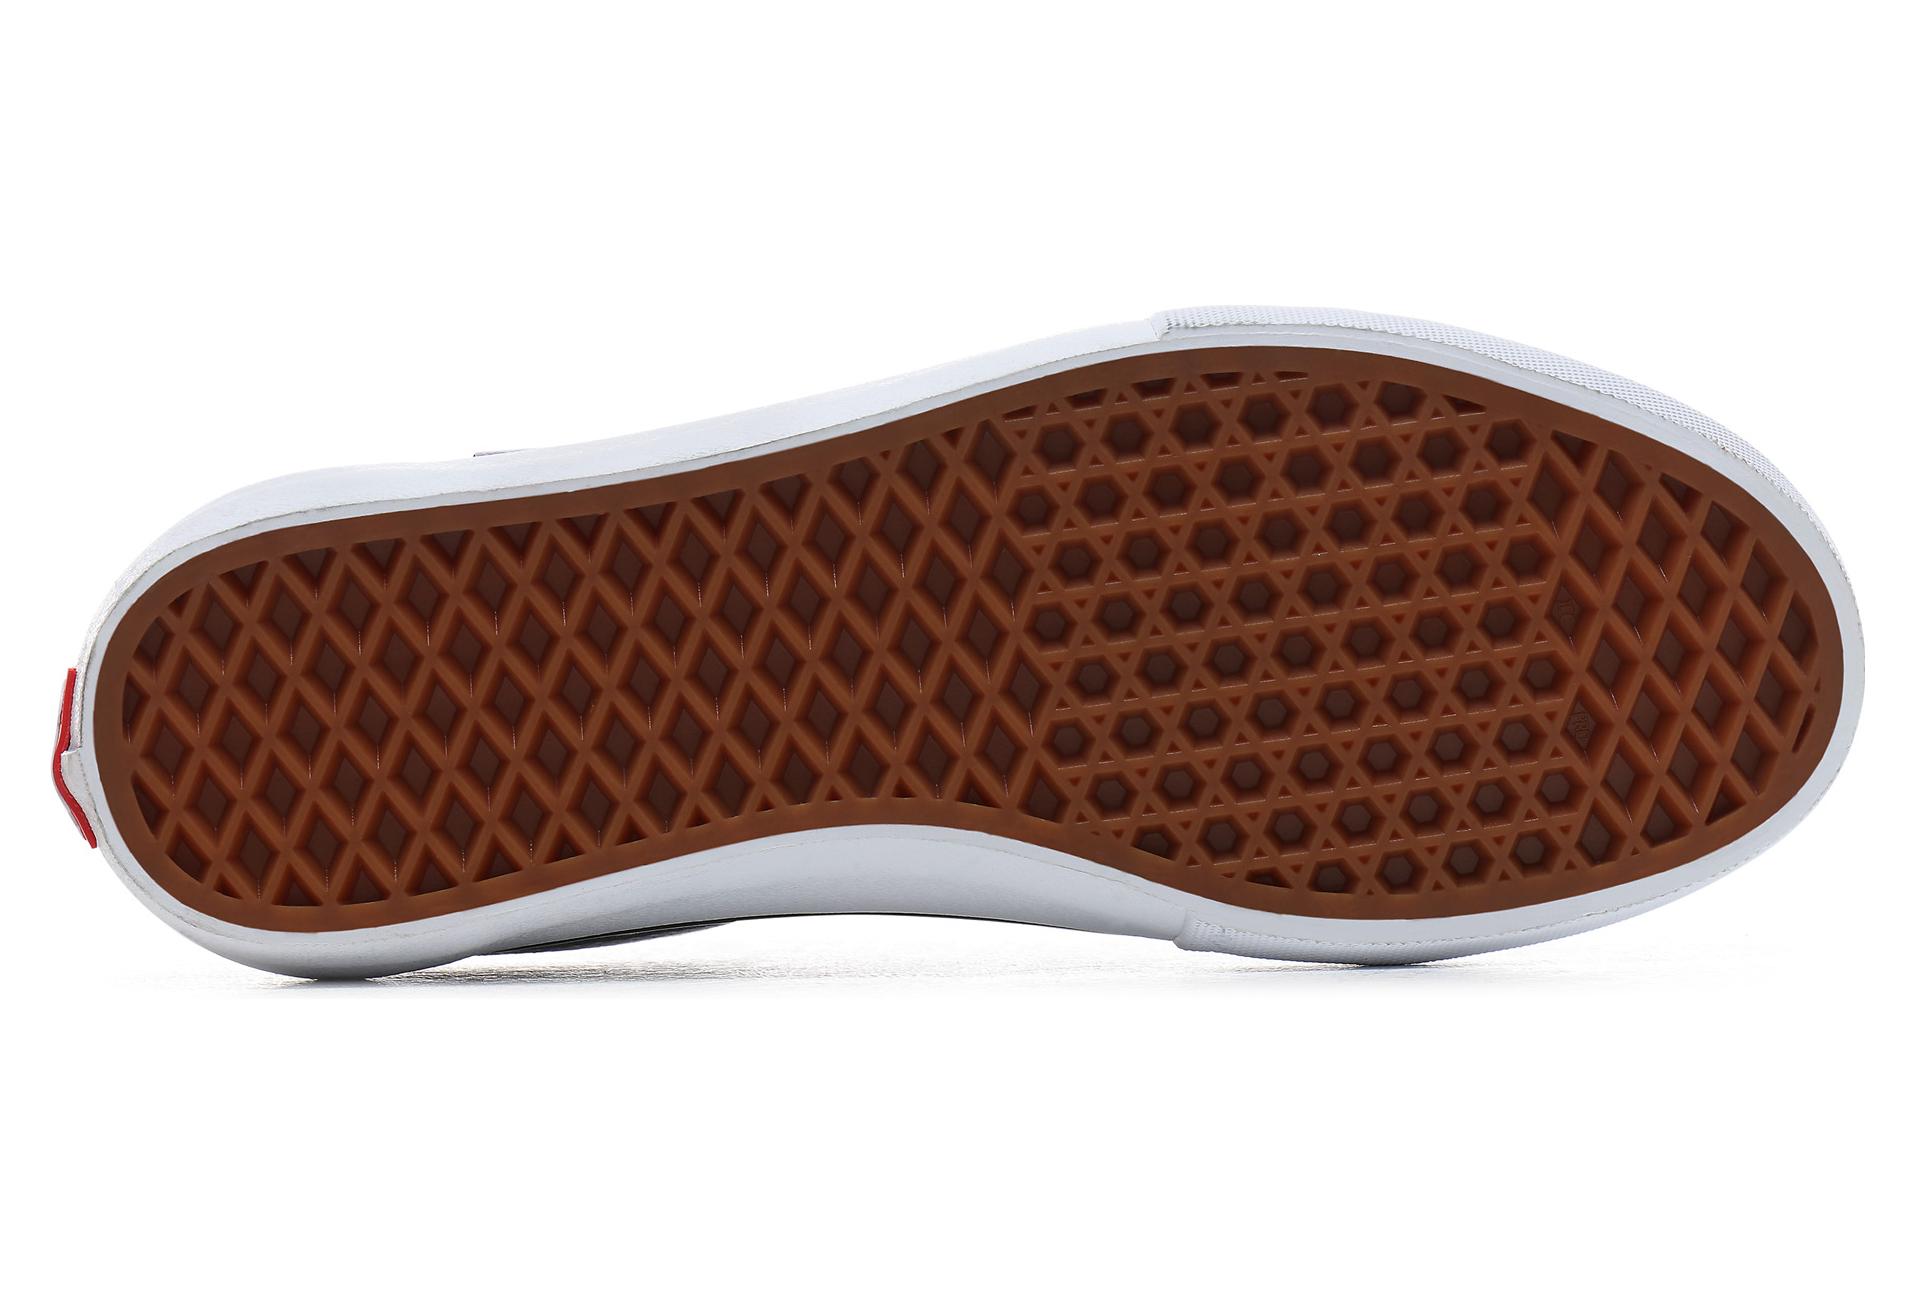 Vans Old Skool Pro Baker Dollin Polka dots Skate Shoes